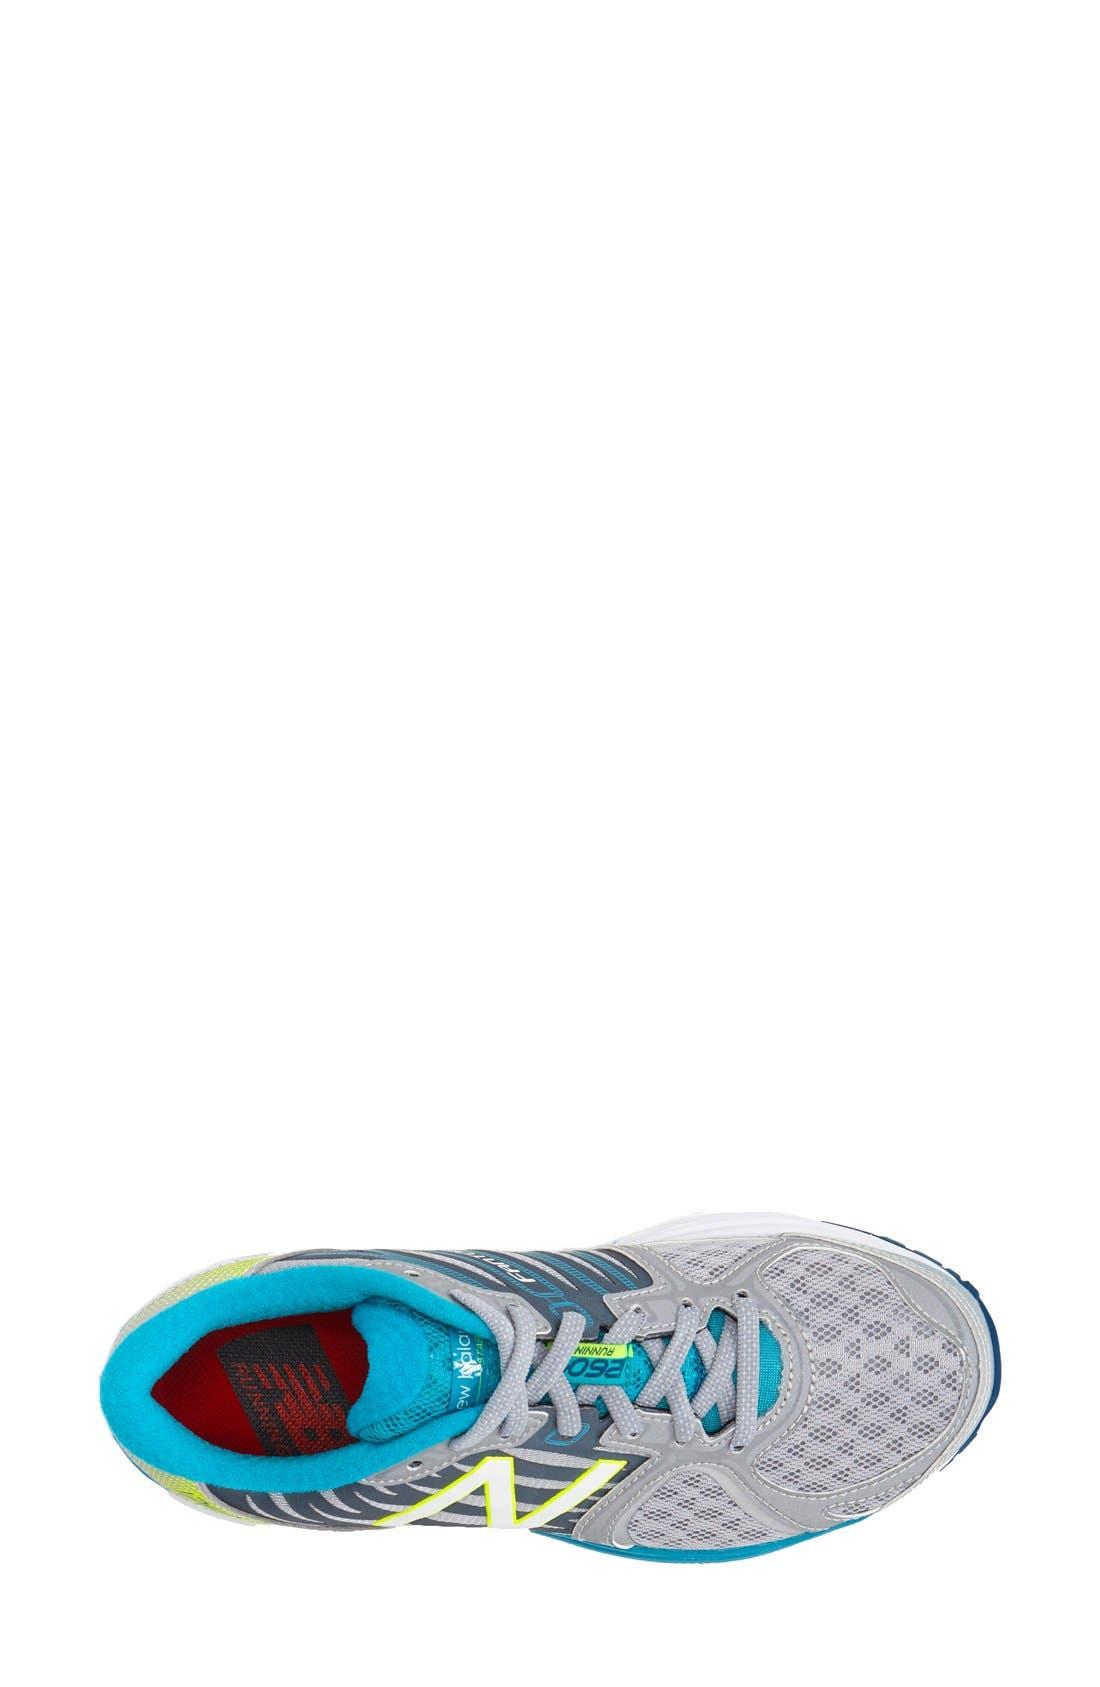 1260 v5' Running Shoe,                             Alternate thumbnail 4, color,                             041